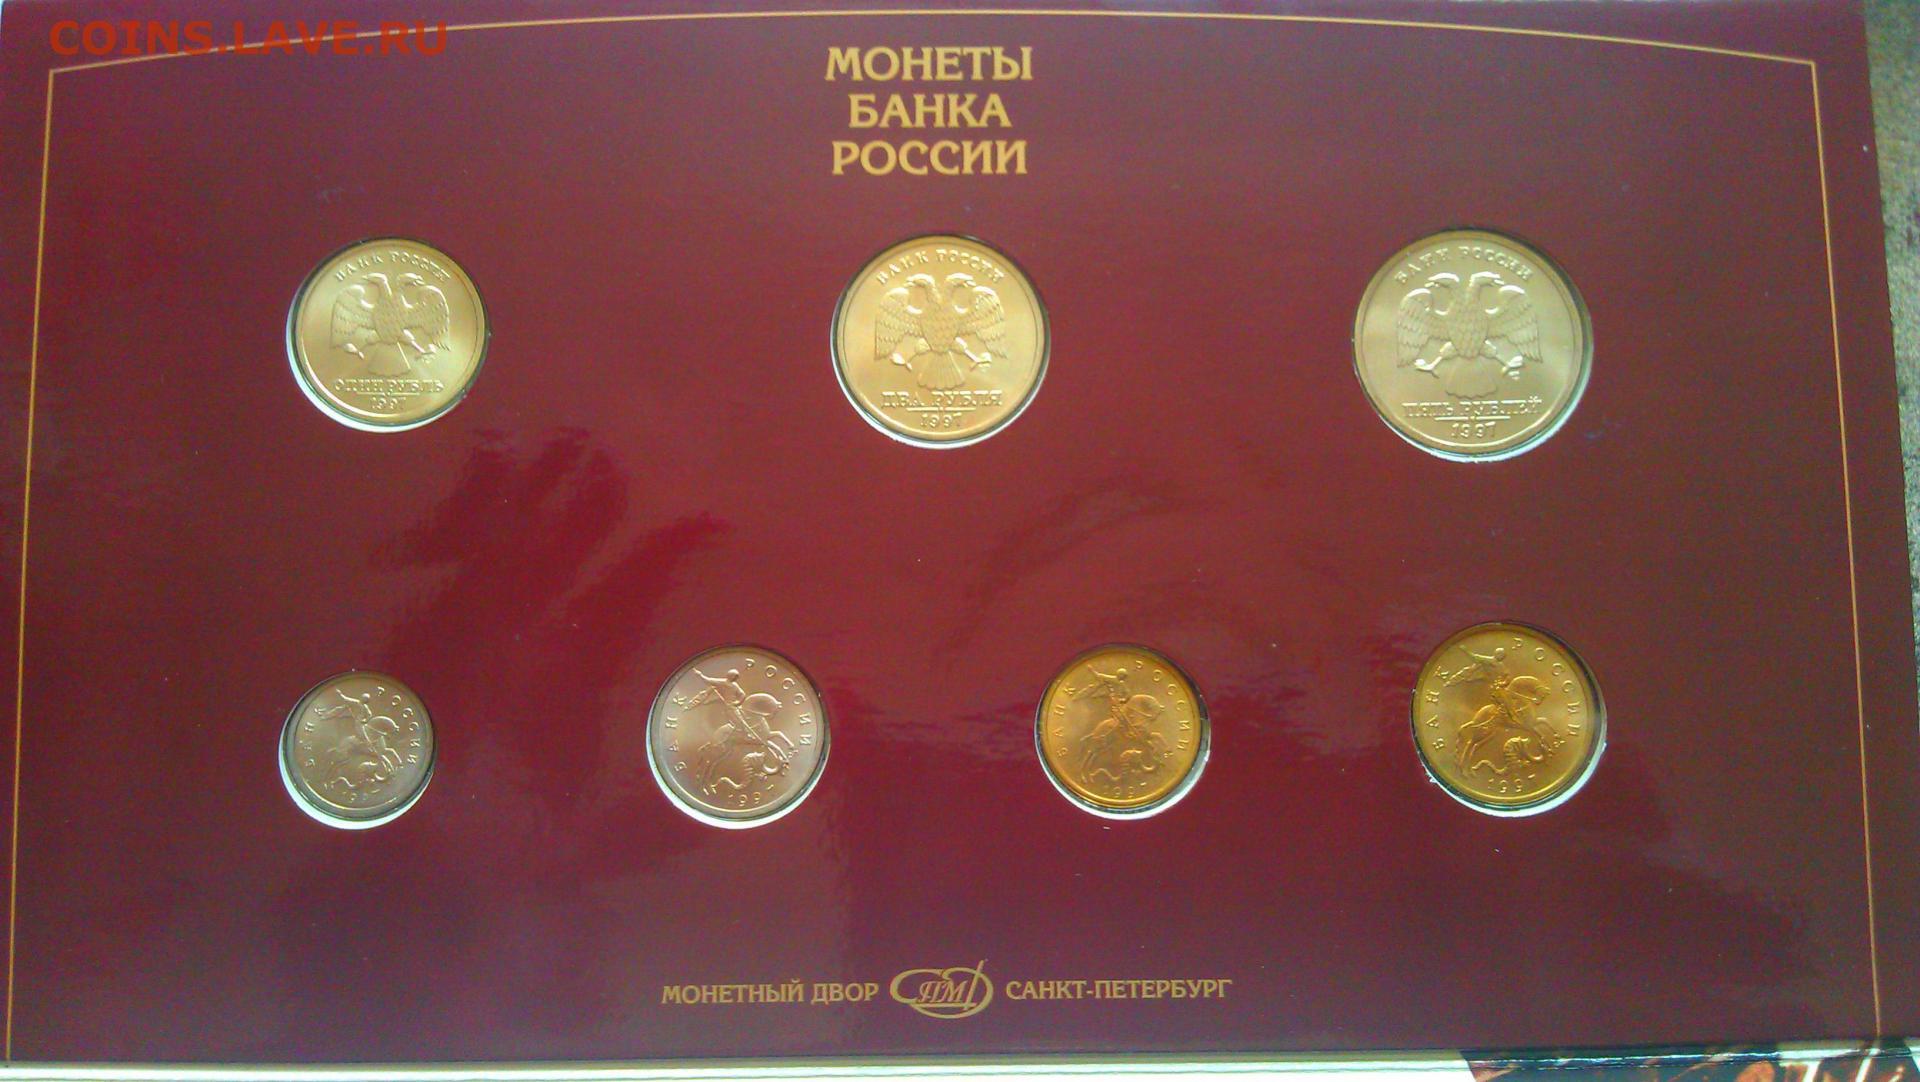 Монеты банка россии 1997 билет банка россии 100 рублей сочи